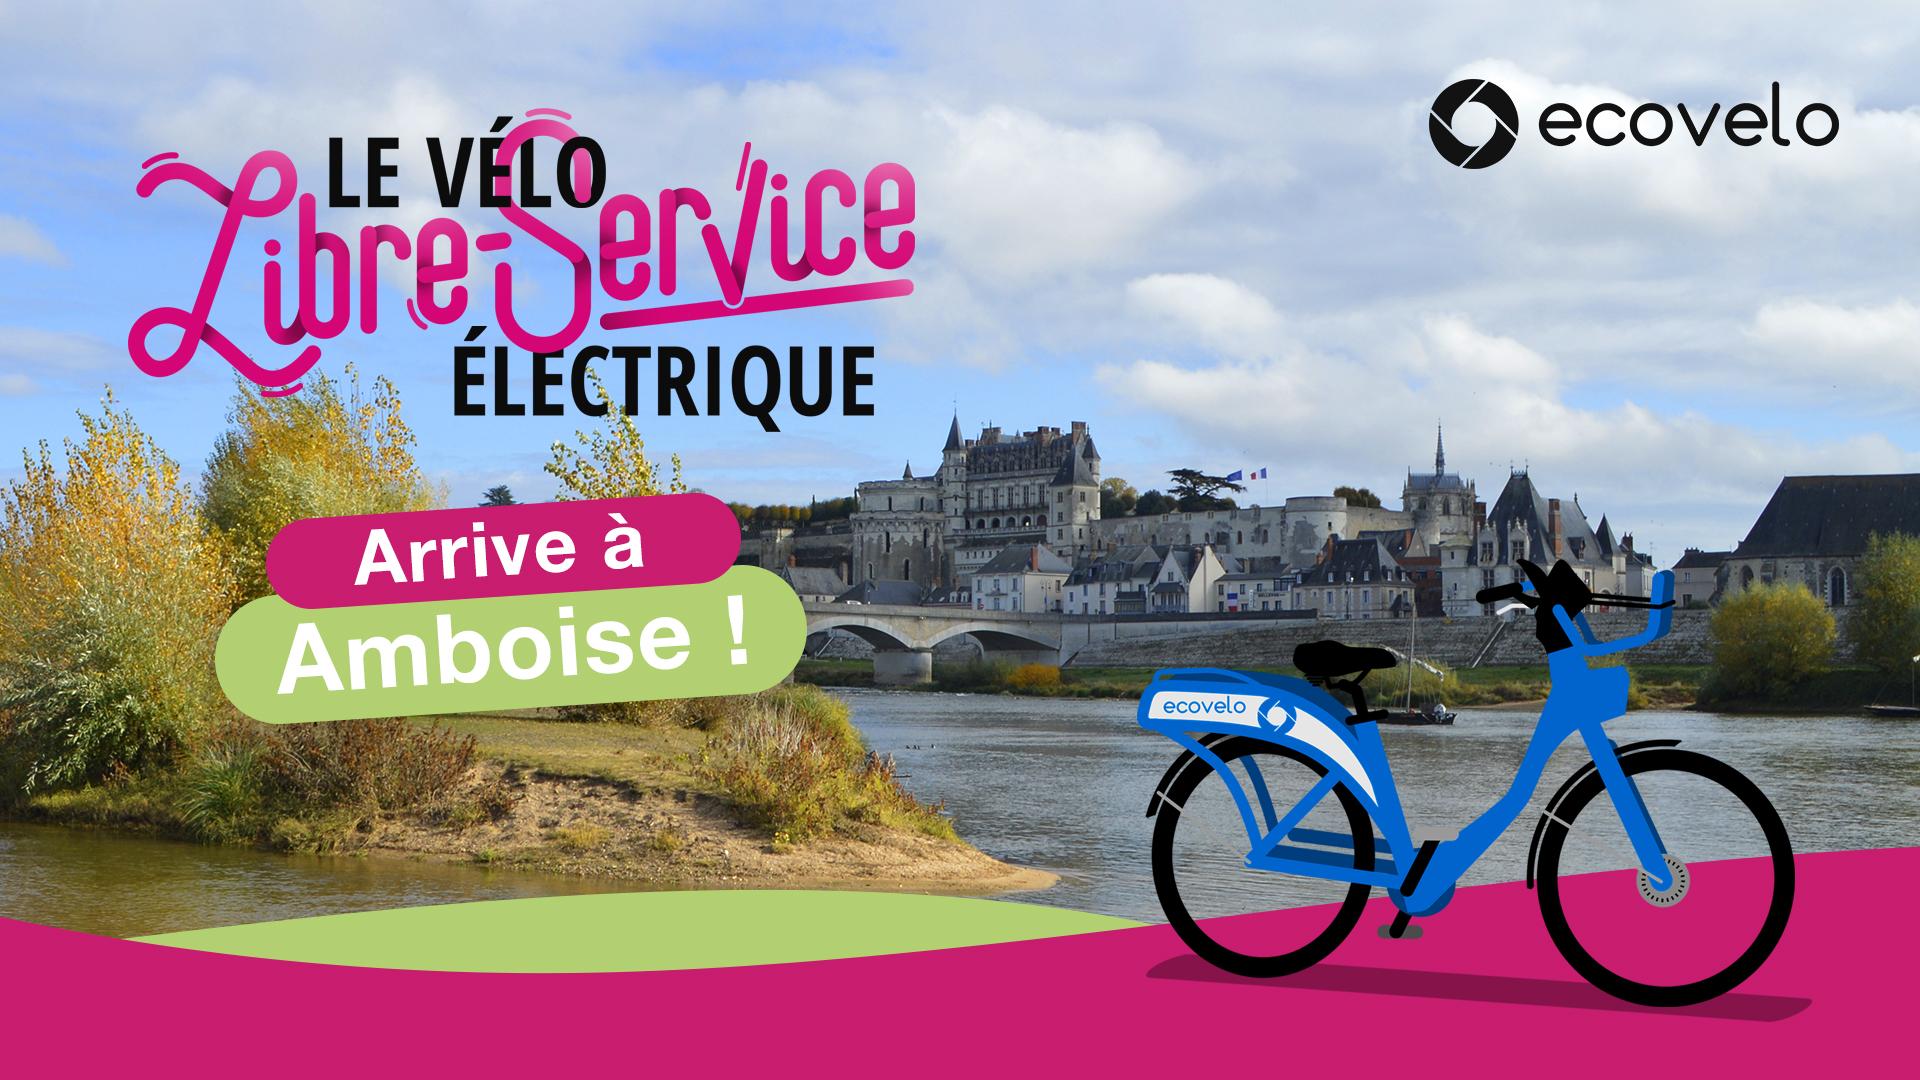 Le vélo libre-service électrique arrive à Amboise